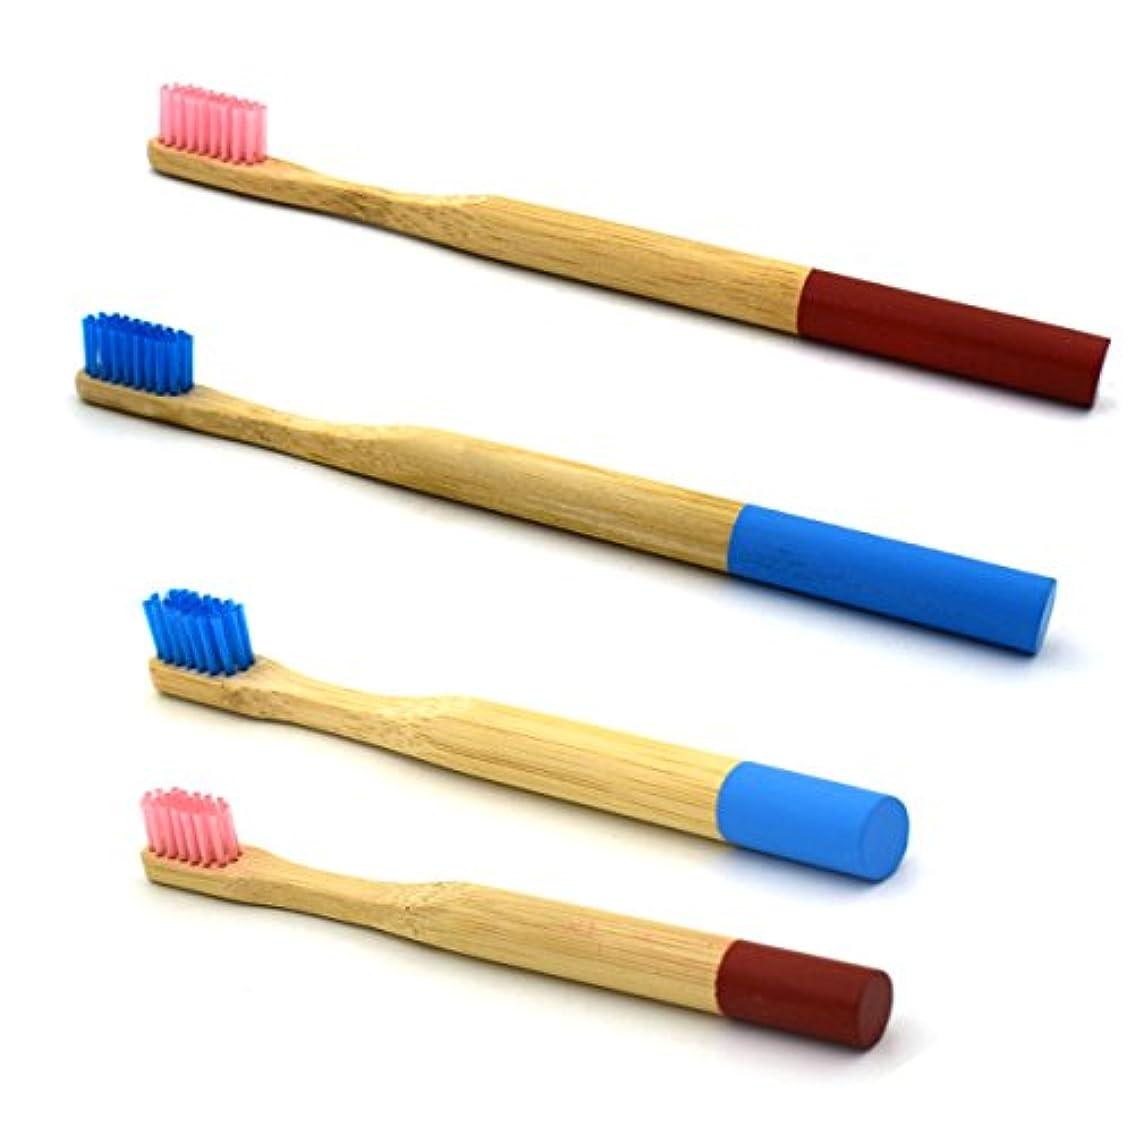 交流する異邦人曇ったROSENICE 2組 竹の歯ブラシ 自然な竹エコフレンドリーな柔らかい毛の旅行の歯ブラシ(青+ピンク)